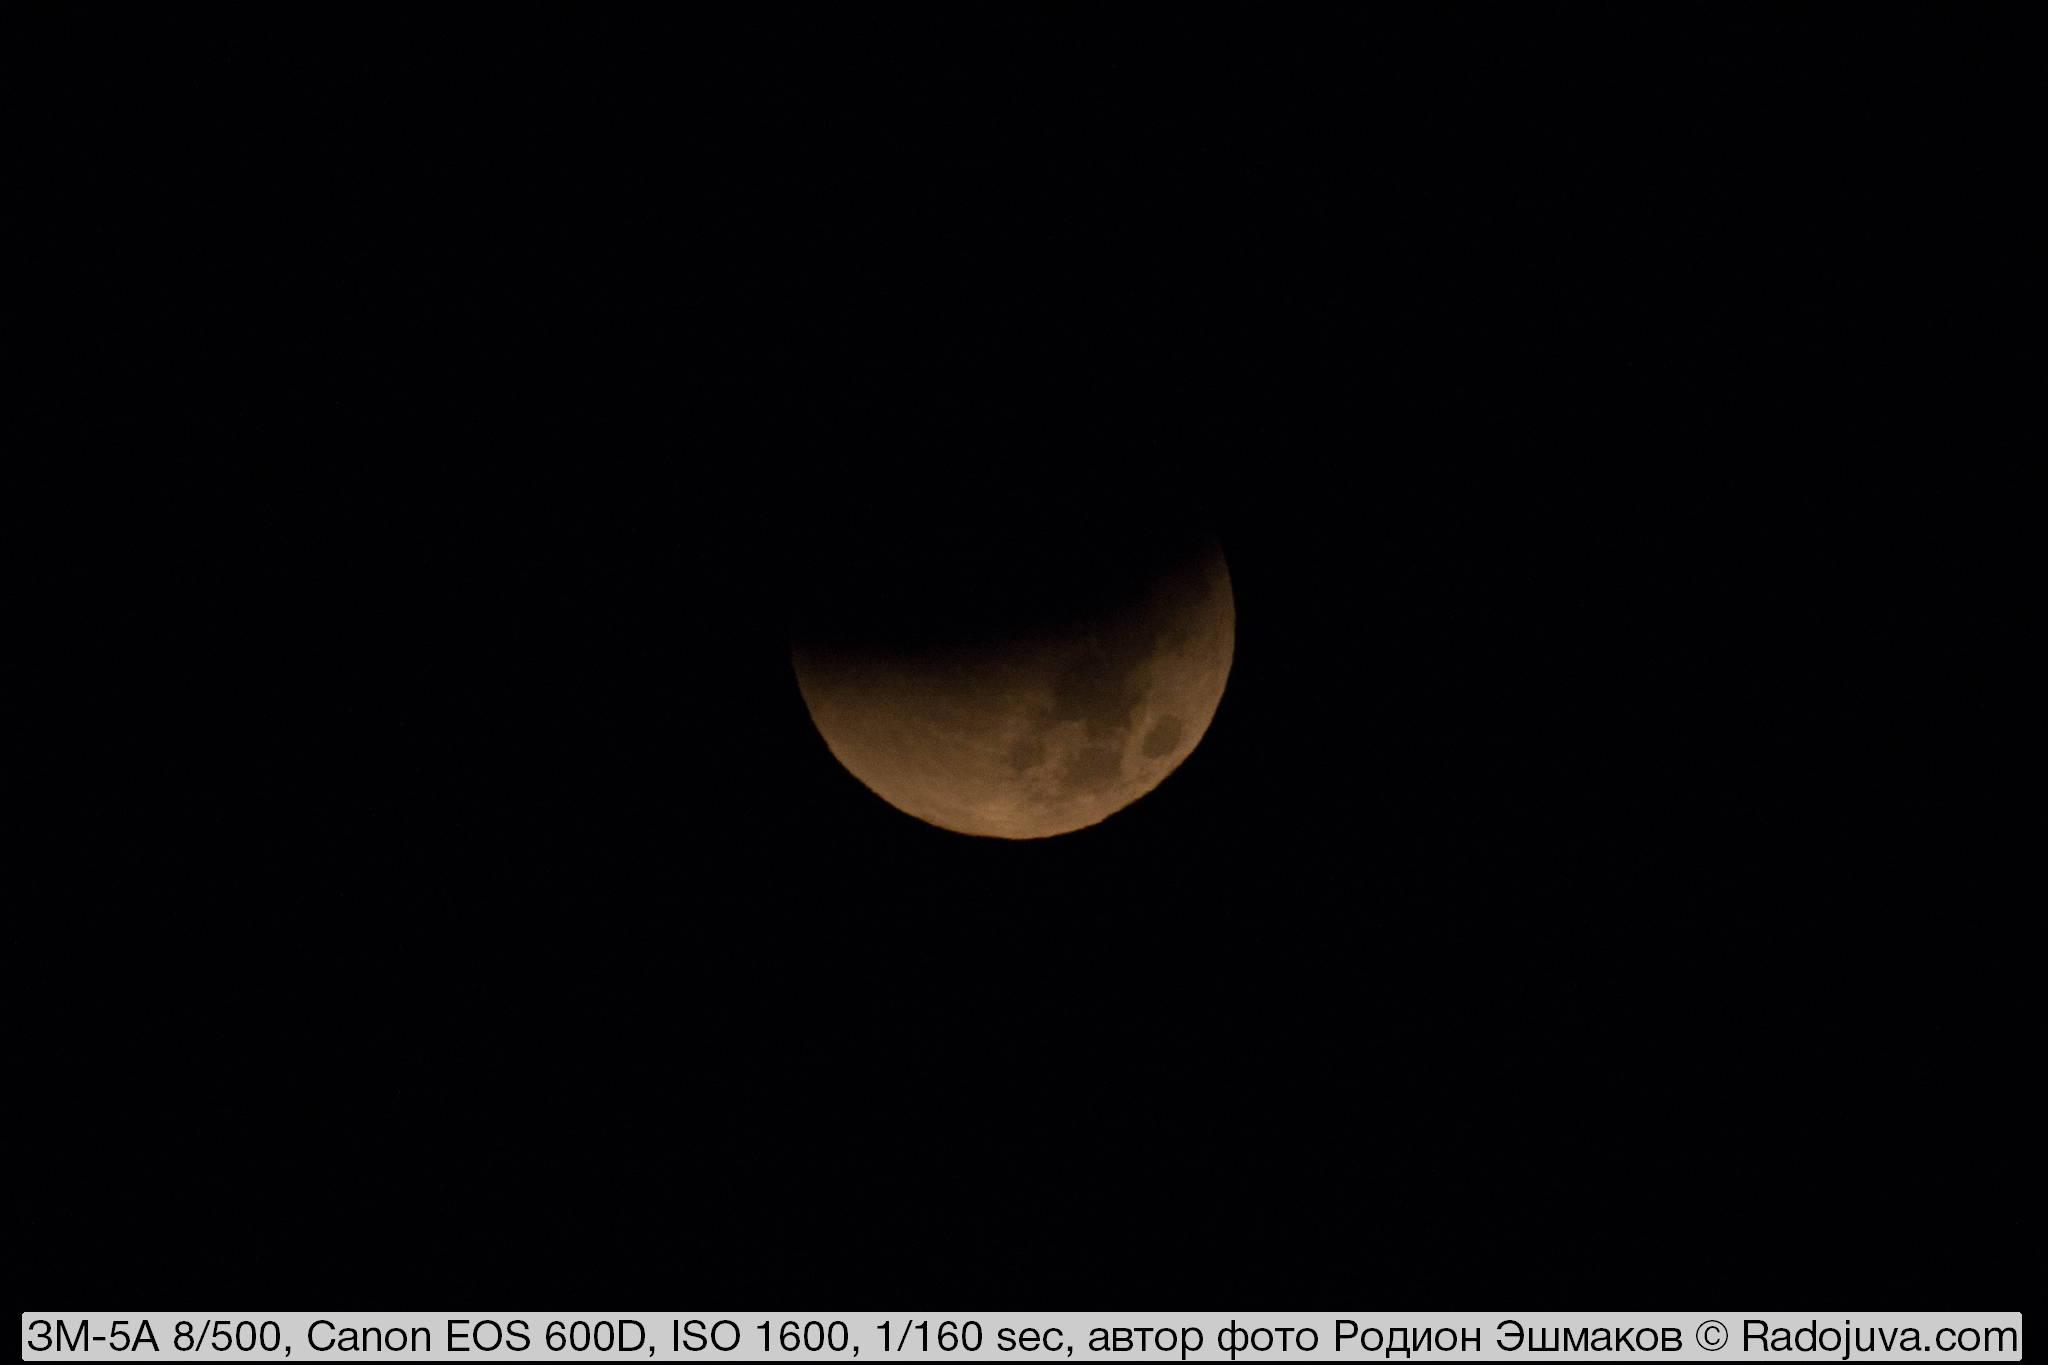 Лунное затмение. Вследствие расположения Луны прямо над крышей дома резкость очень слабая (влияние атмосферной рефракции).